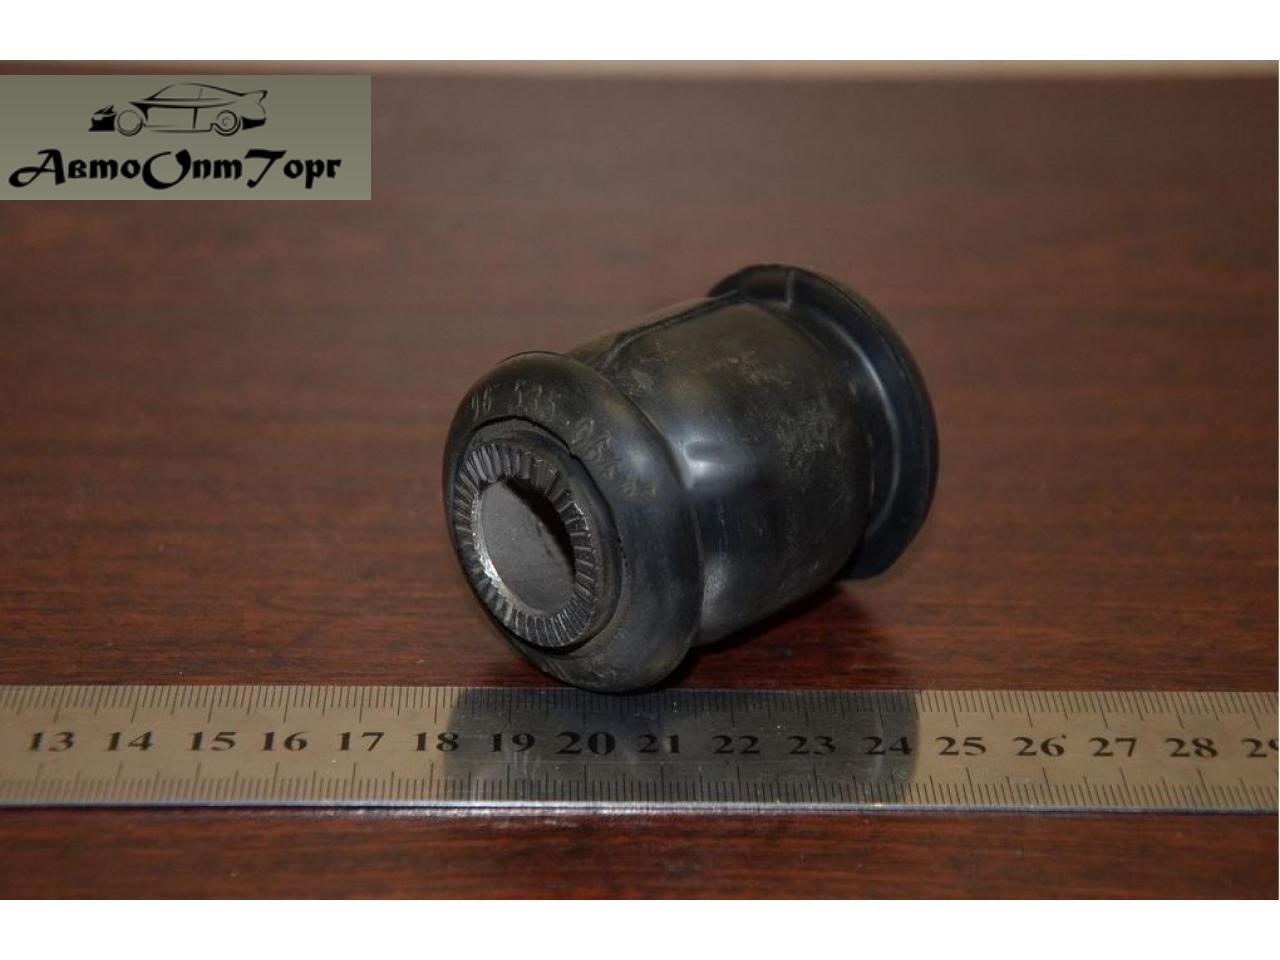 Сайлентблок (втулка) передней балки (подрамника) передний на Chevrolet Aveo, Авео, model: 96535069, произ-во: